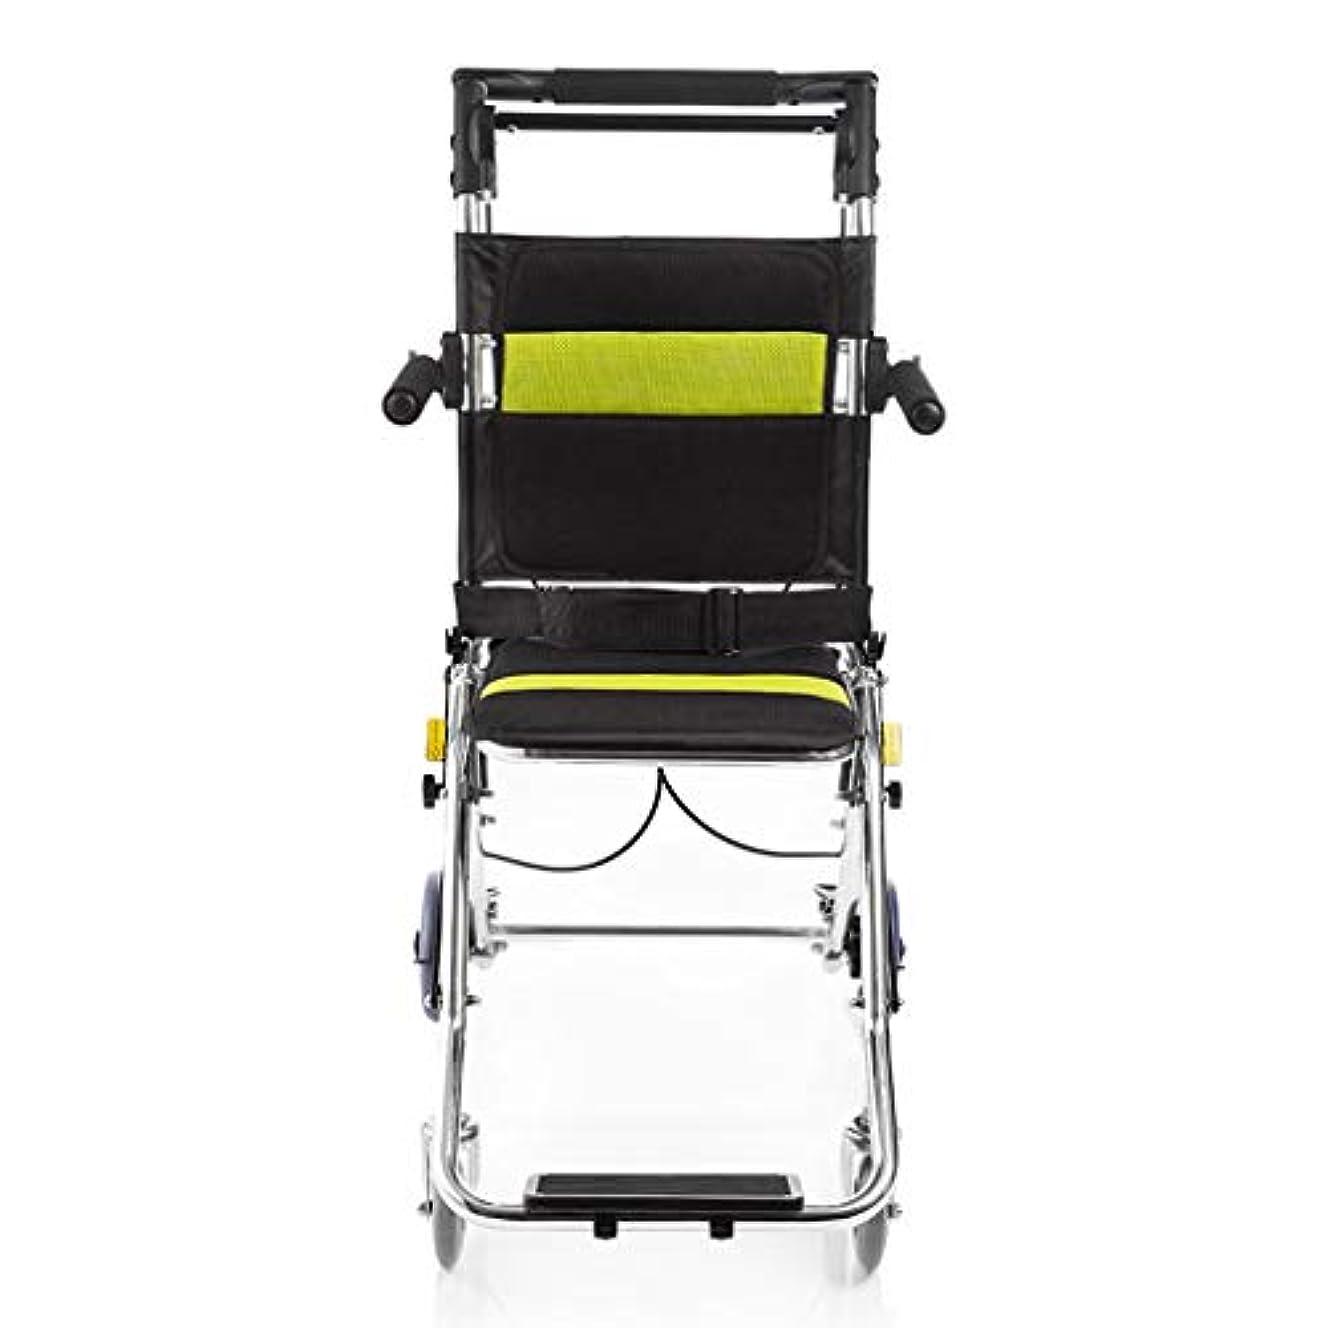 周術期独立した把握折りたたみ車椅子、75 Kgの高齢者用屋外車椅子ベビーカーを運ぶことができます